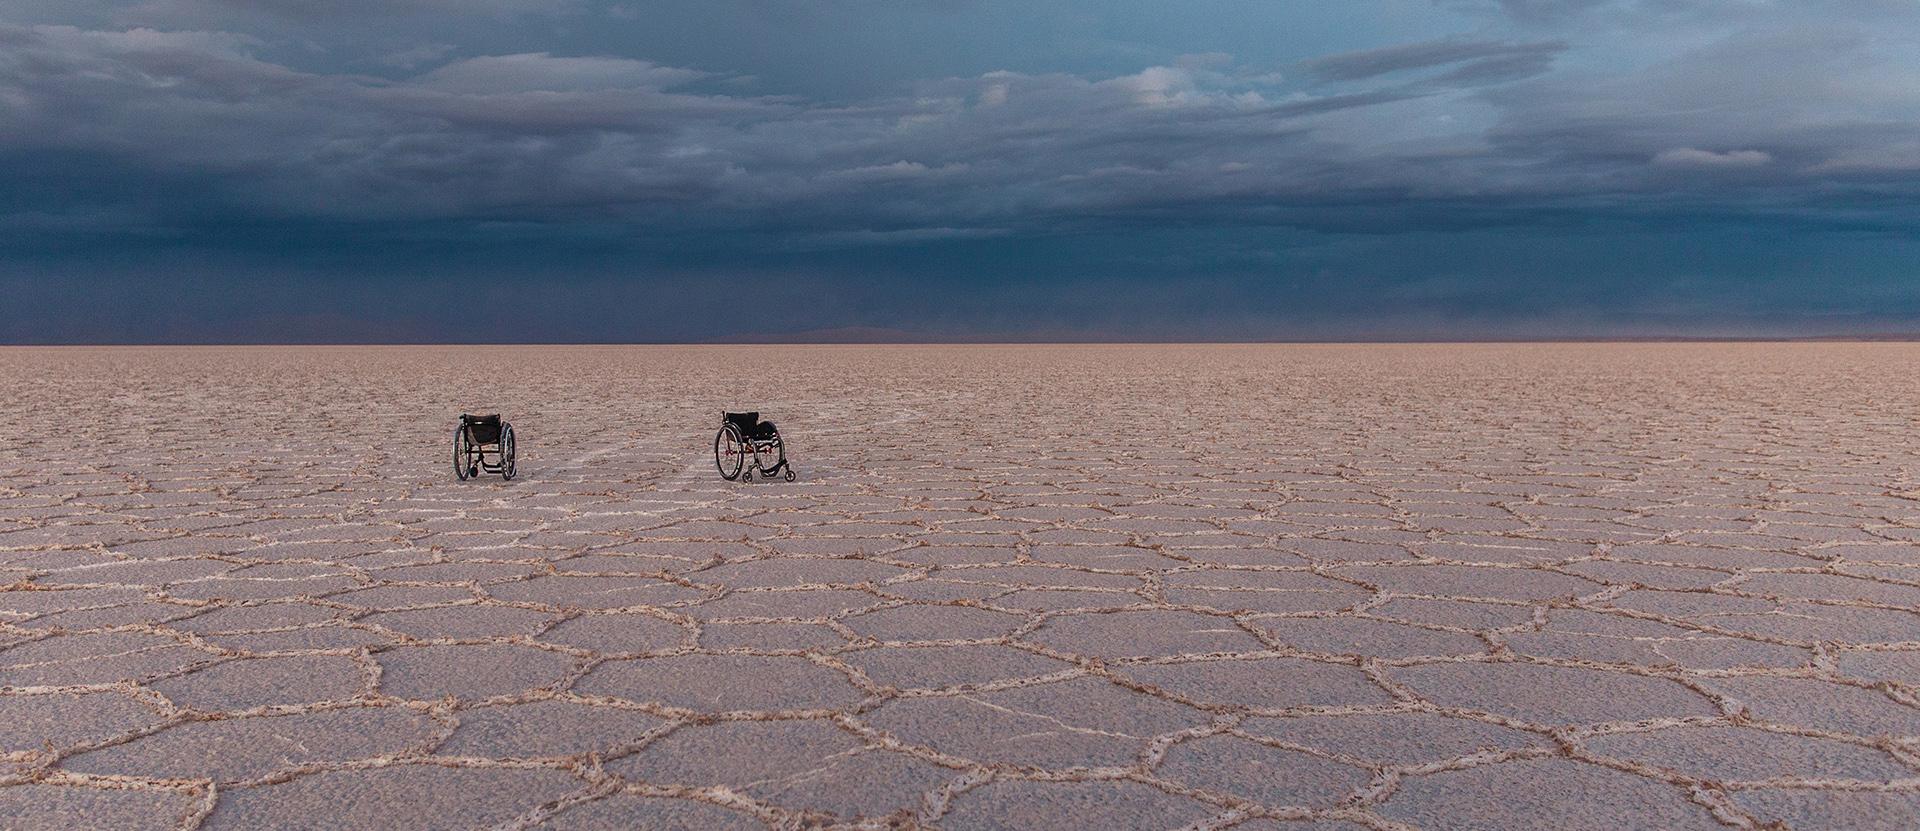 prelekcje i wystąpienia wózki na Salar de Uyuni zdjęcie zrobione na wyprawie Michał Worocha